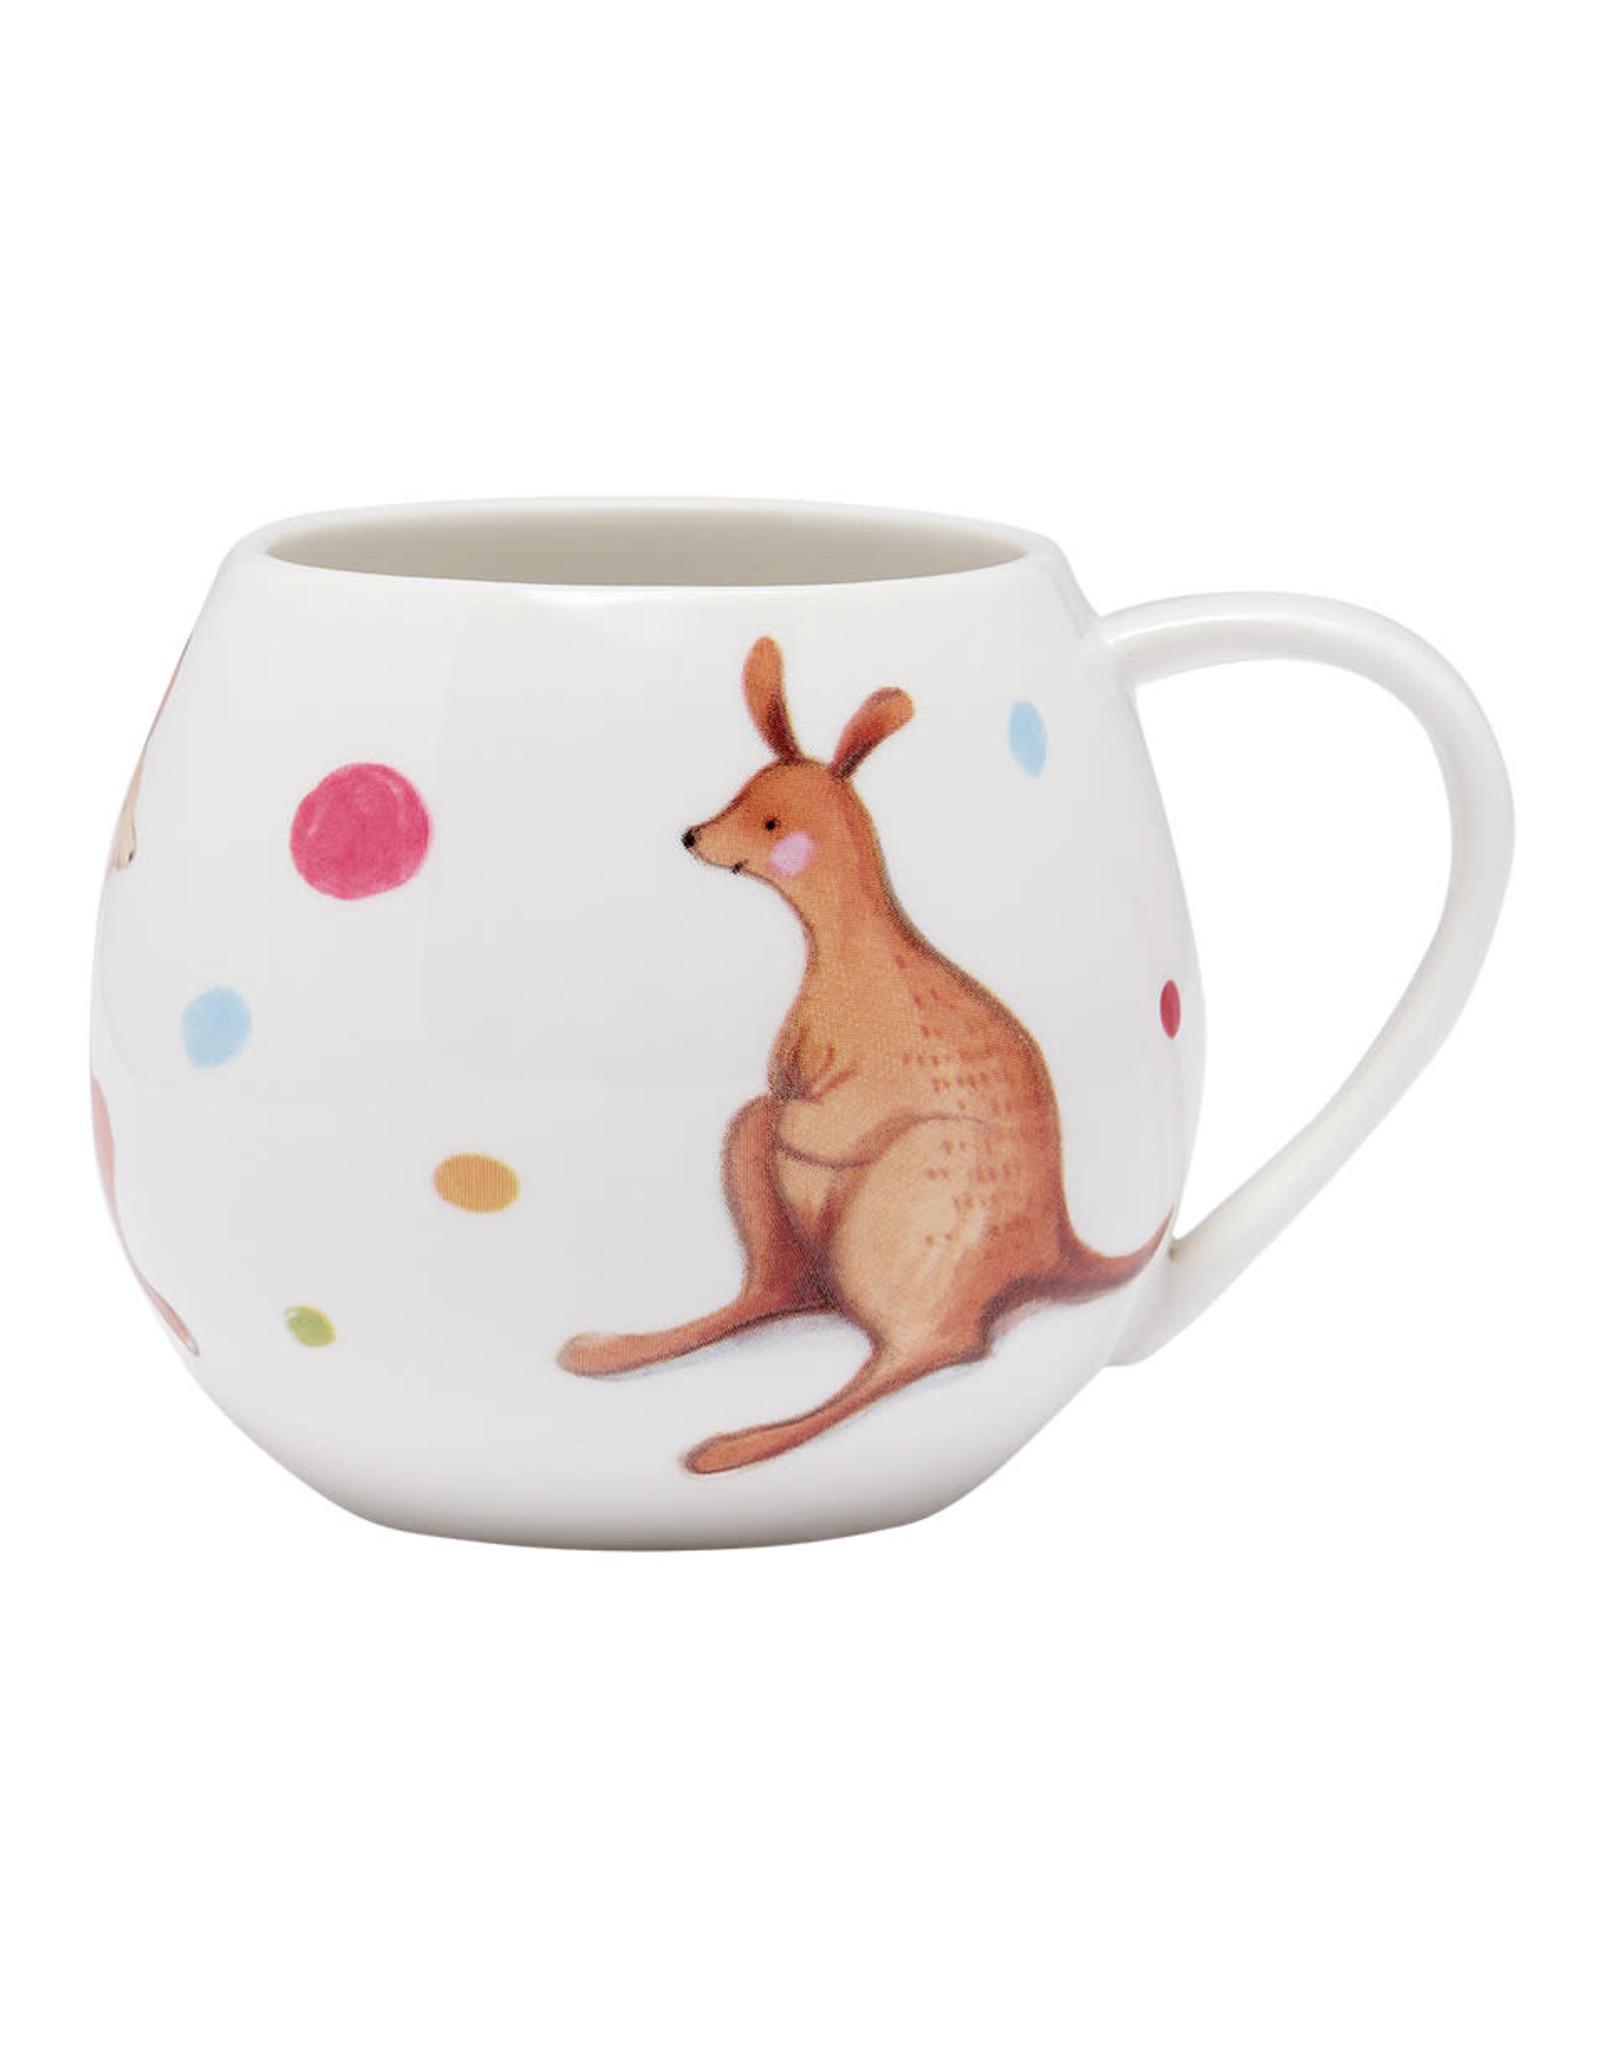 Ashdene Barney Gumnut & Friends Kangaroo Mug